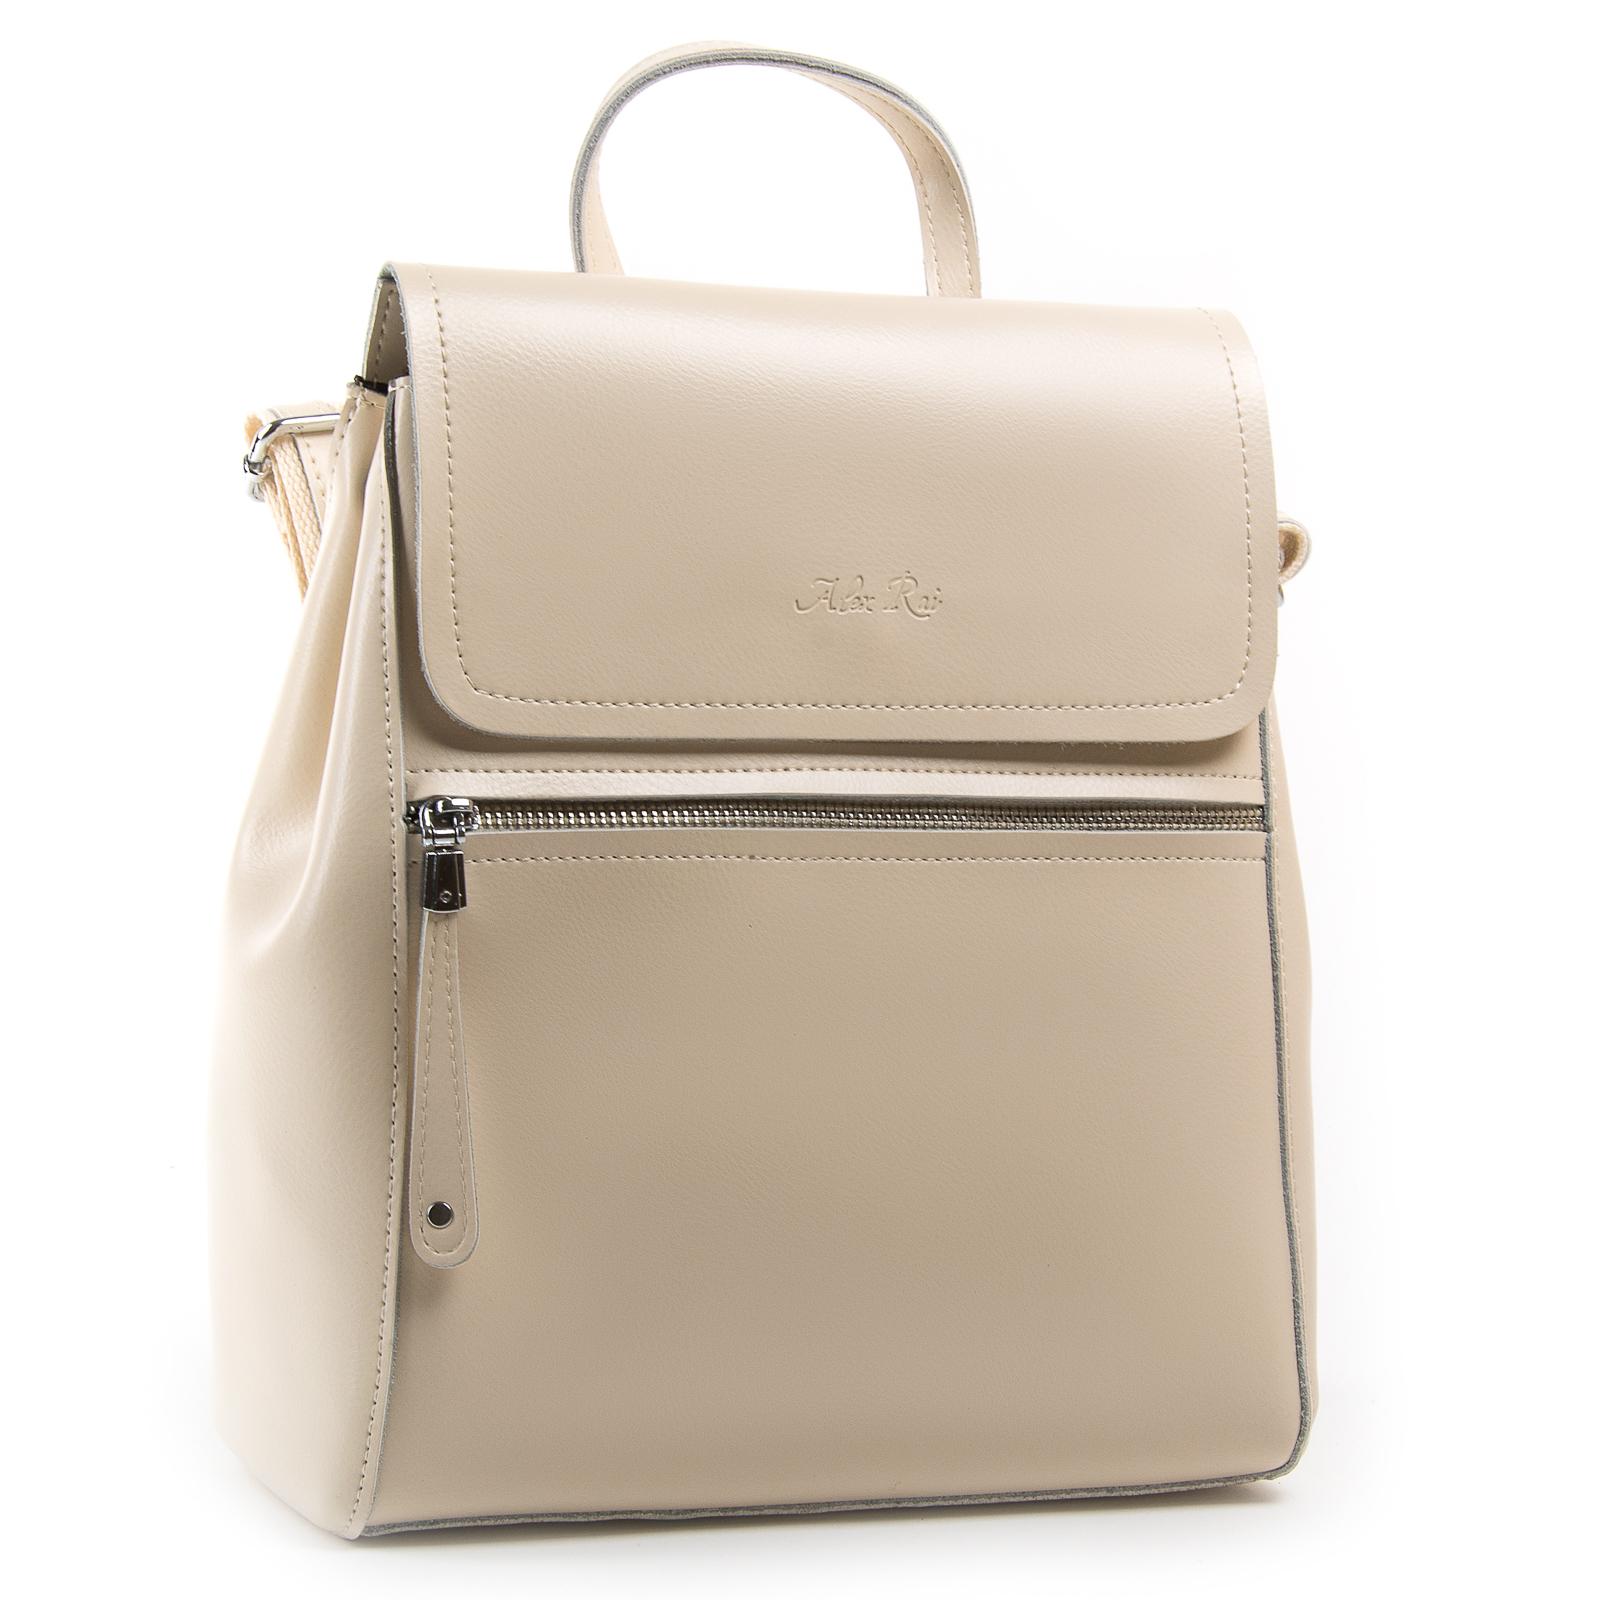 Сумка Женская Рюкзак кожа ALEX RAI 03-01 1005 light-beige